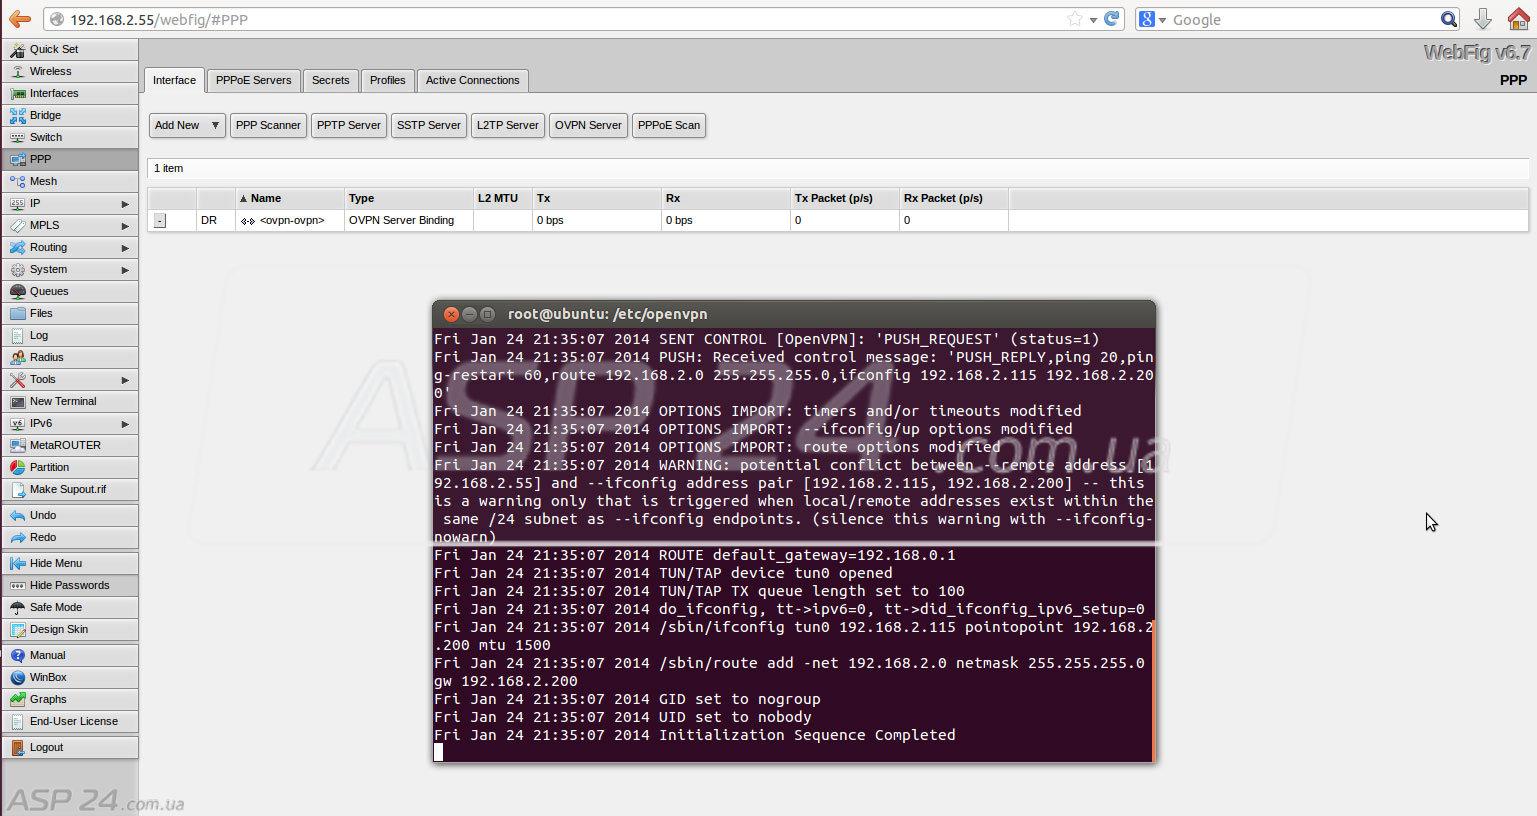 Asp linux vpn настройка сервера как сделать красную строку на сайте